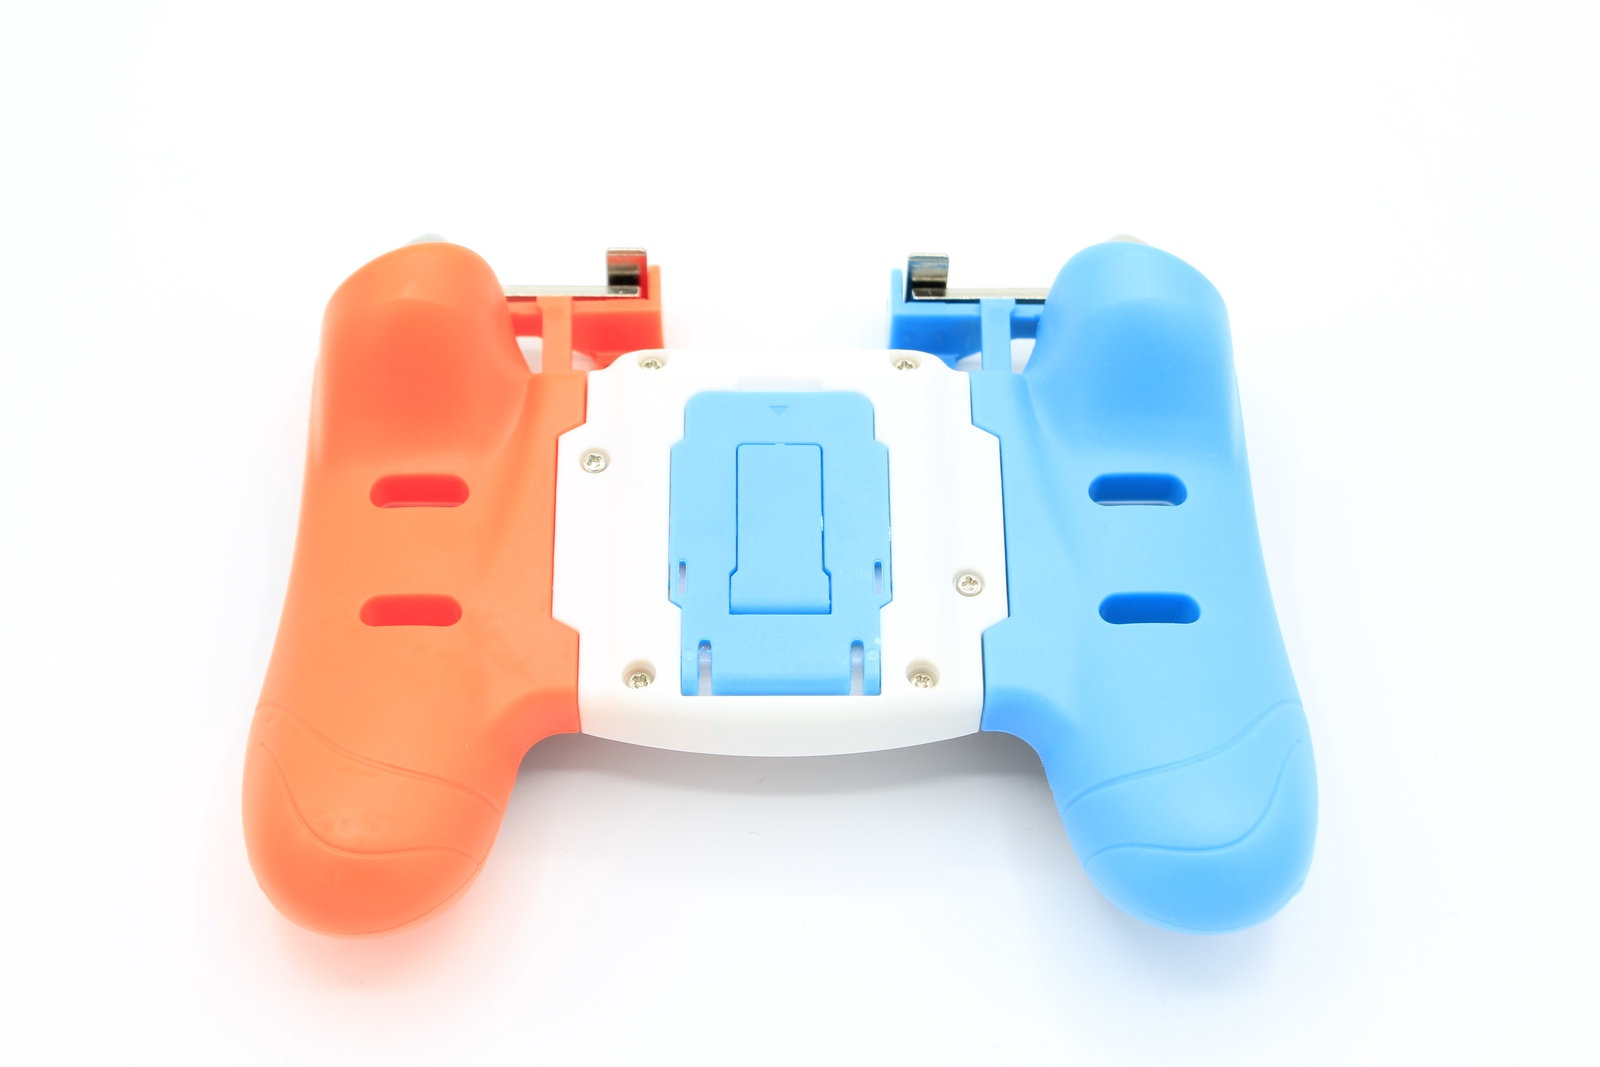 Геймпад/джойстик для смартфона LHX-A03 недорогой телефон